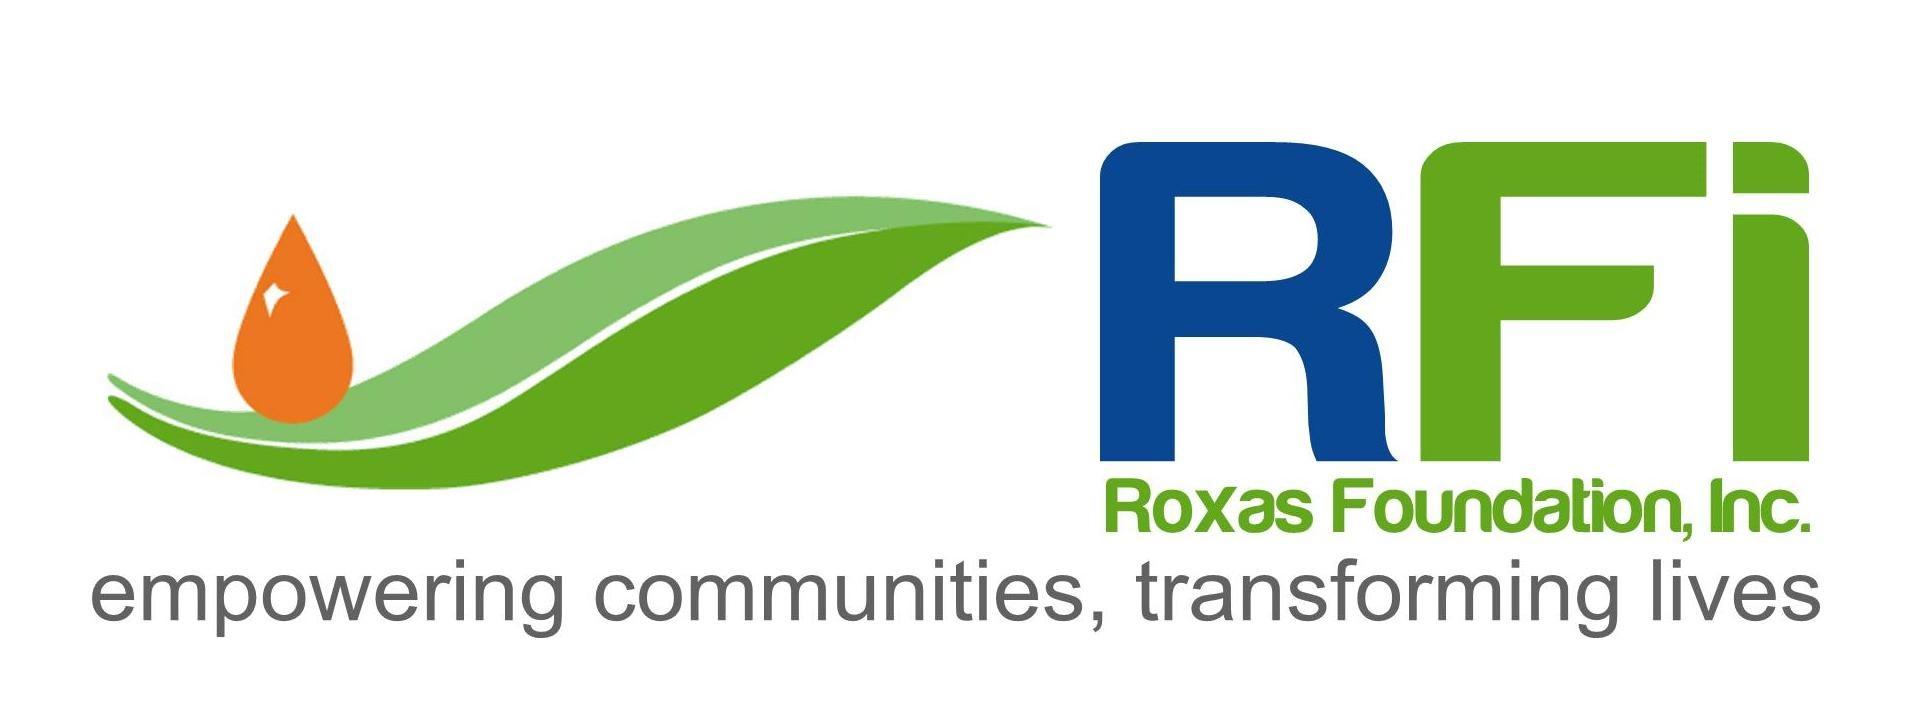 Roxas Foundation, Inc.